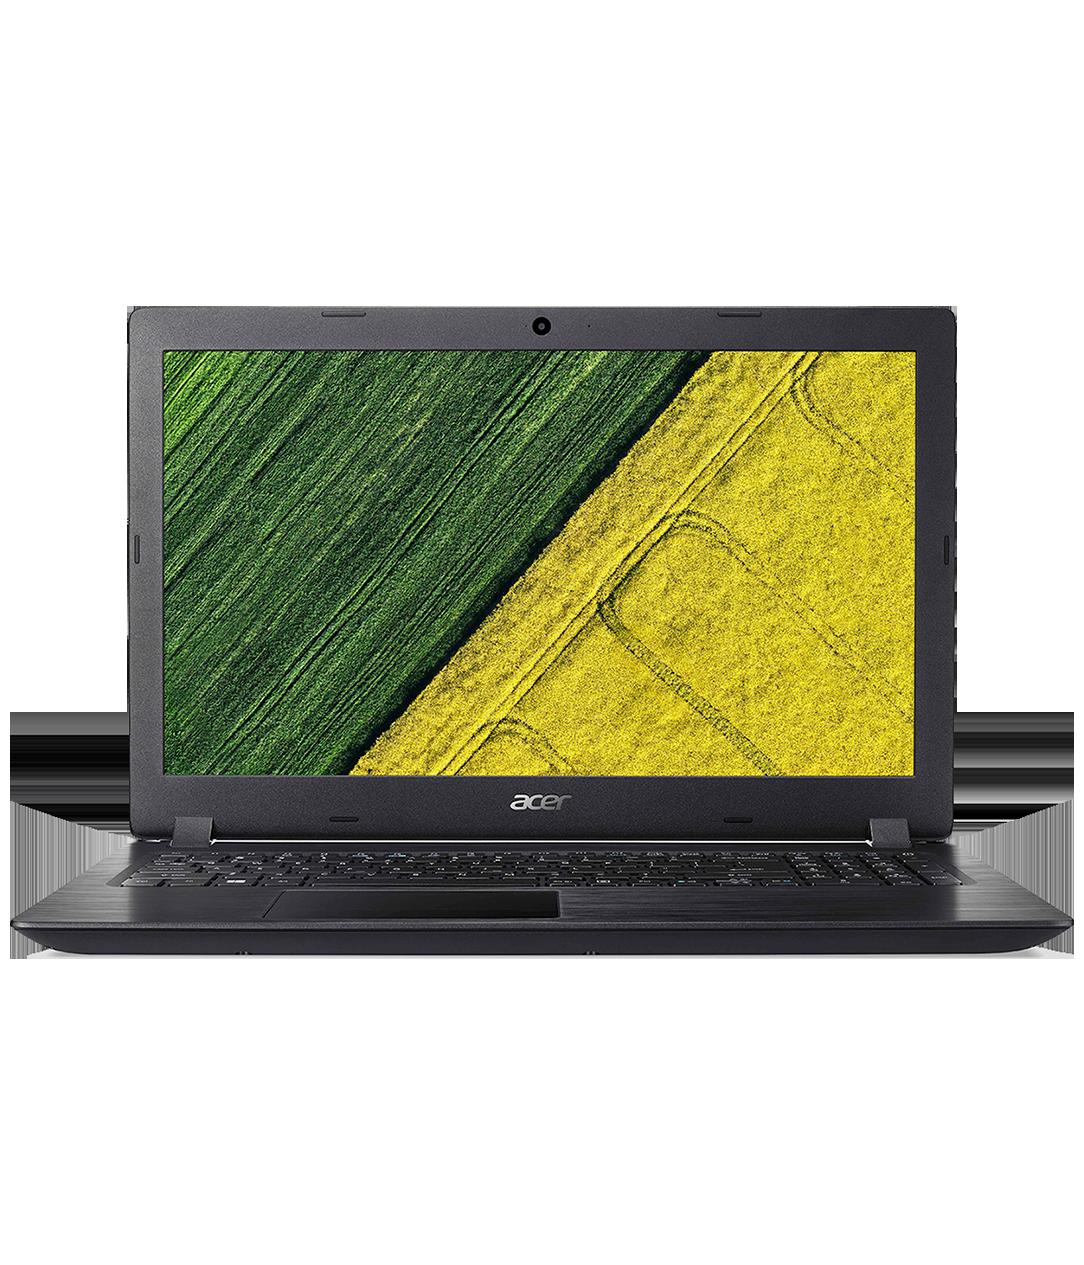 Acer Aspire A315-31 Celeron 128GB